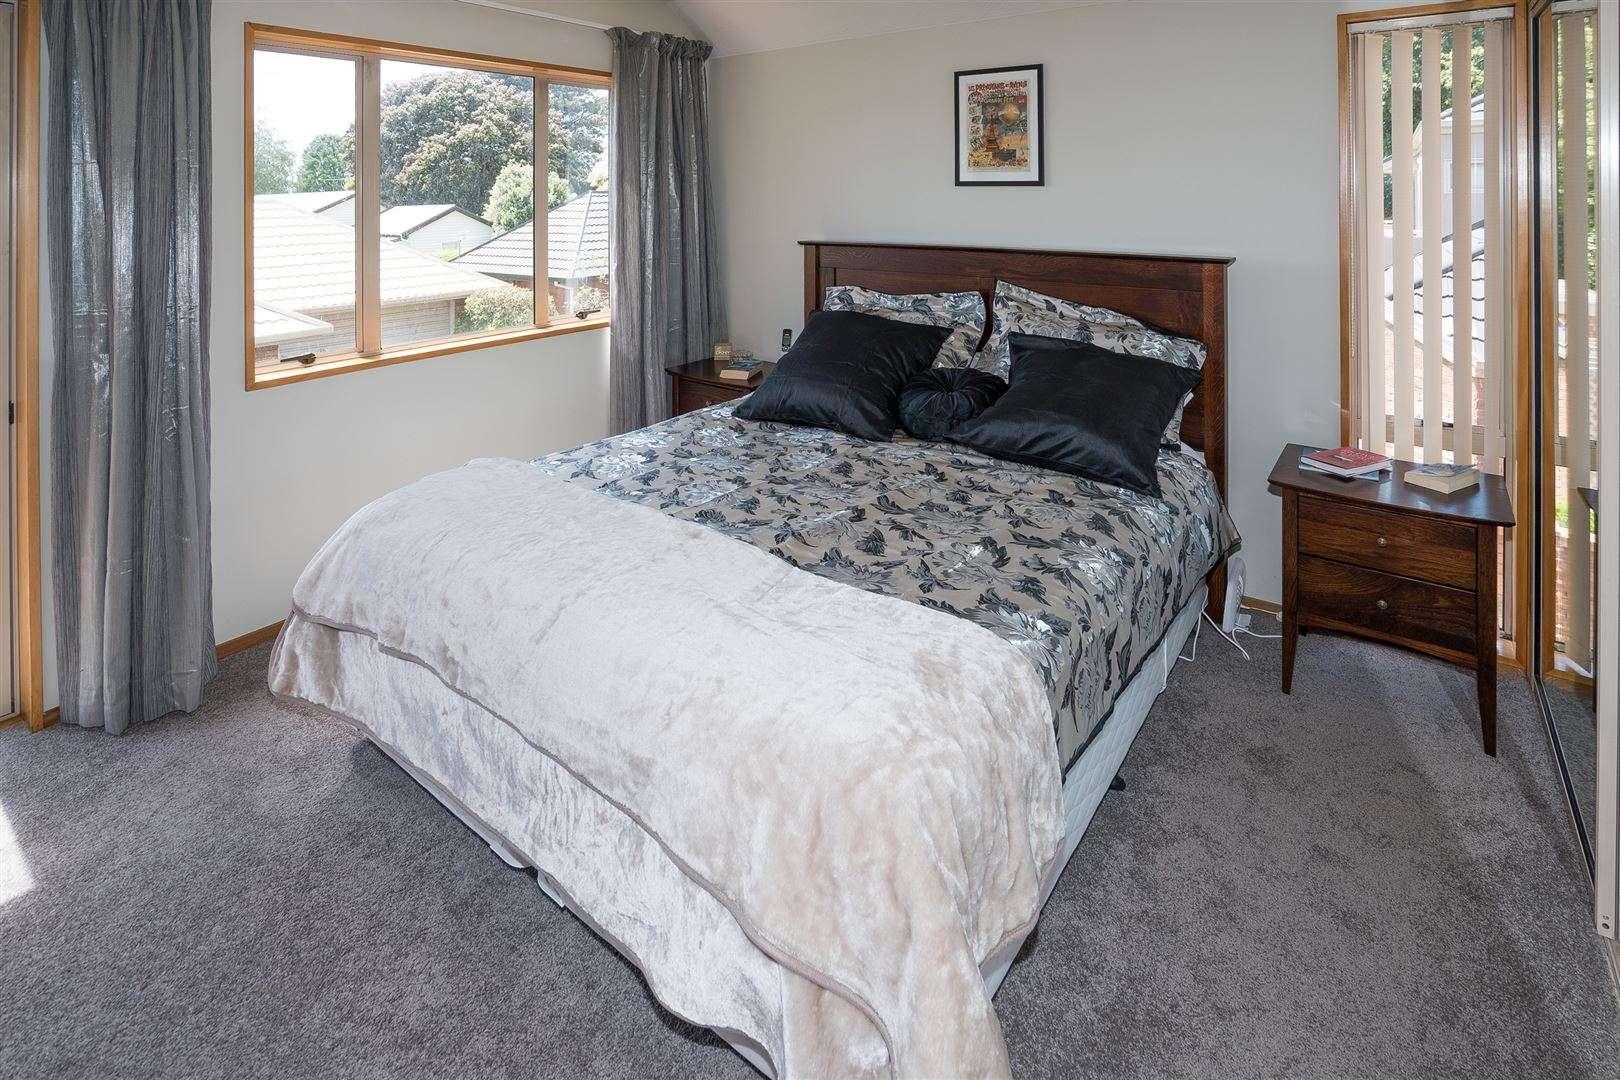 2/187c Waimea Terrace, Beckenham, Christchurch City 8023